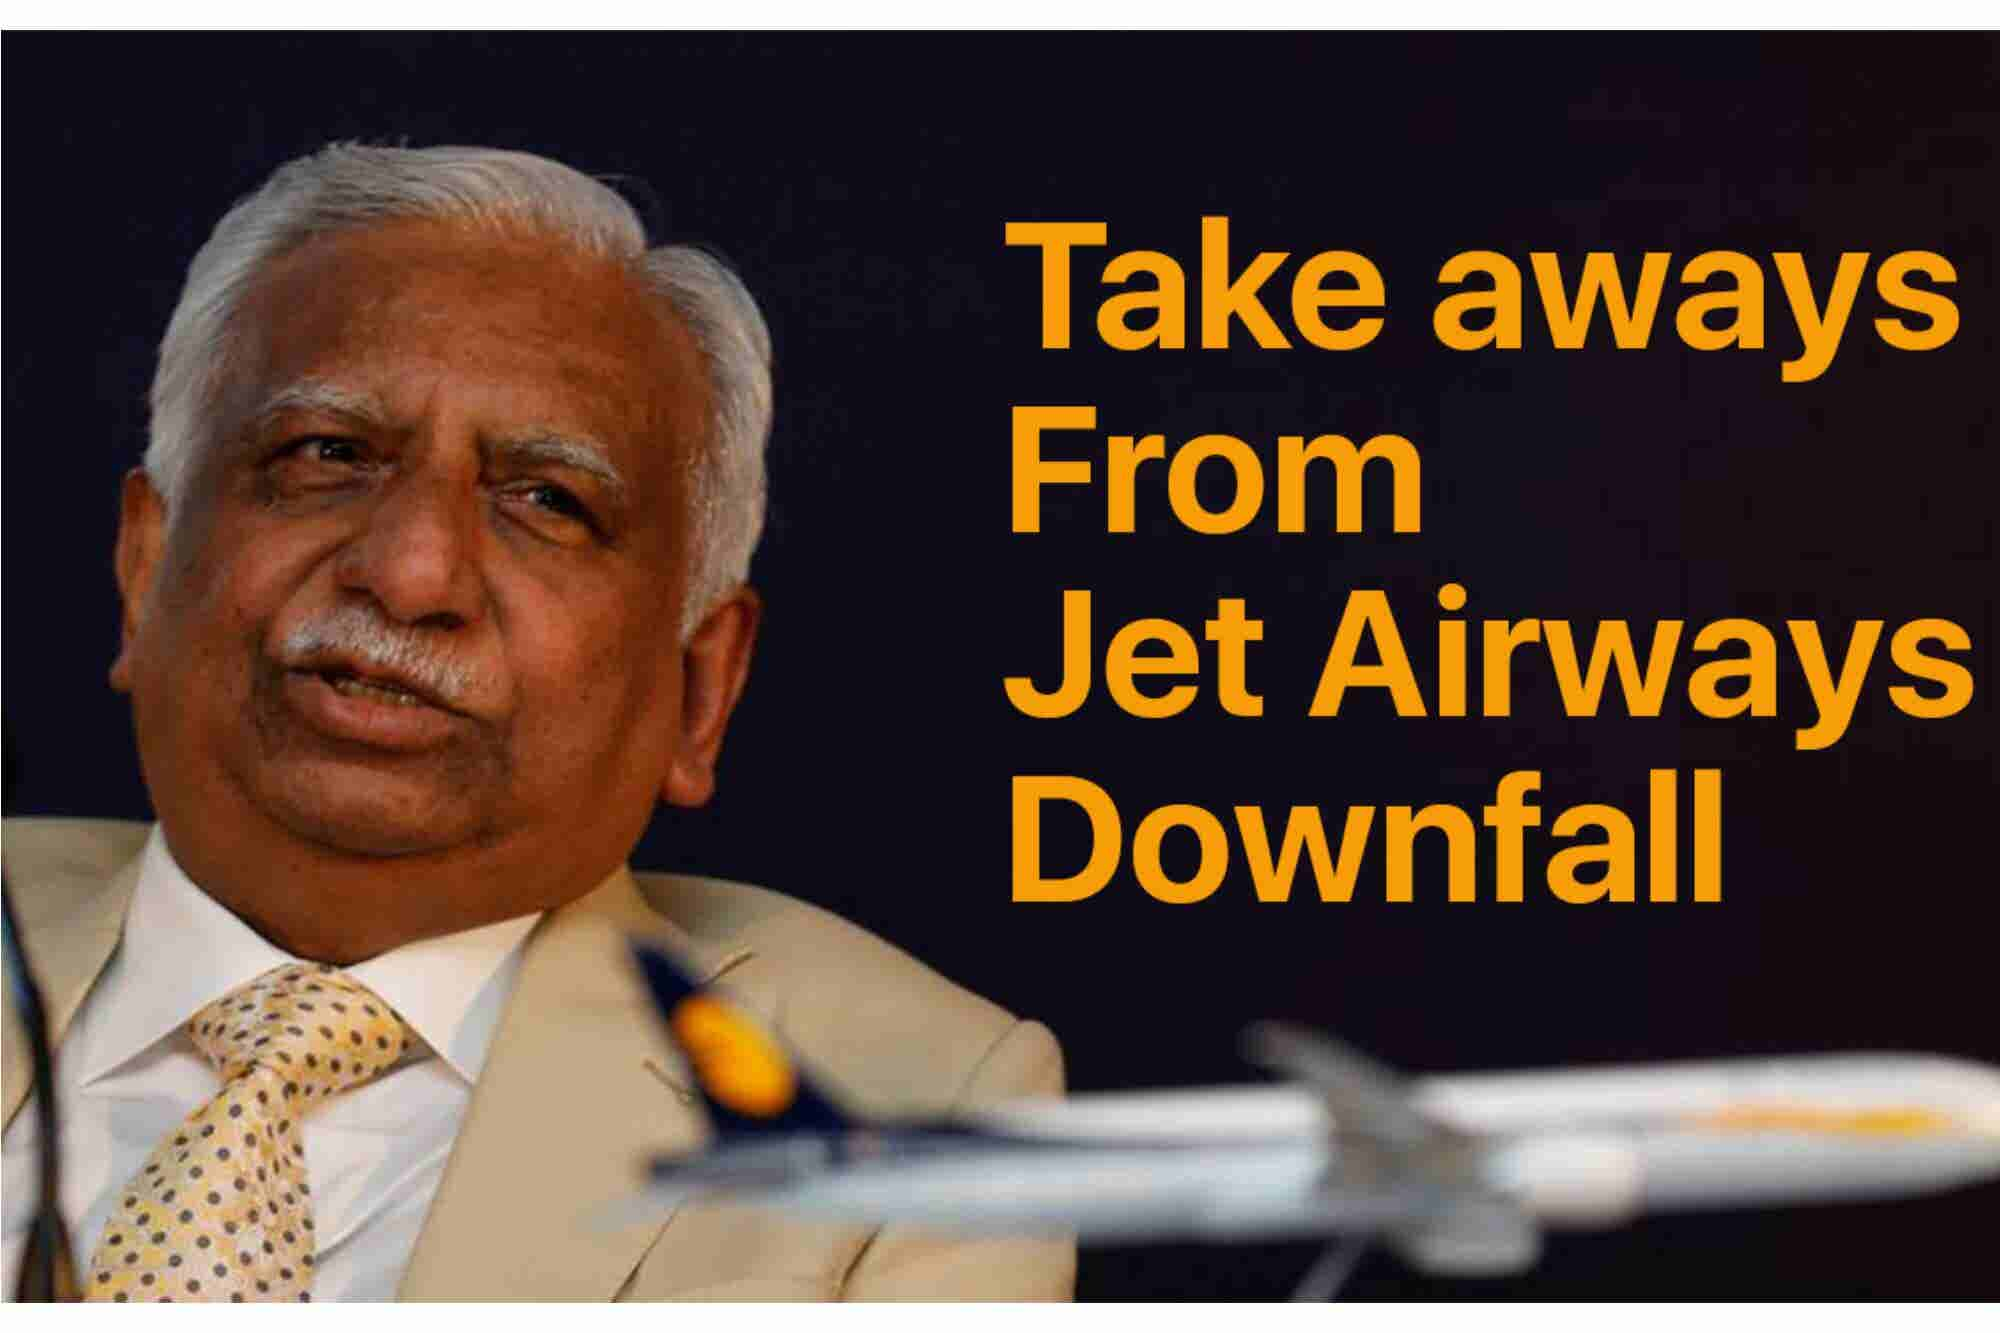 Wednesday Wisdom: 4 Takeaways From the Jet Airways' Downfall